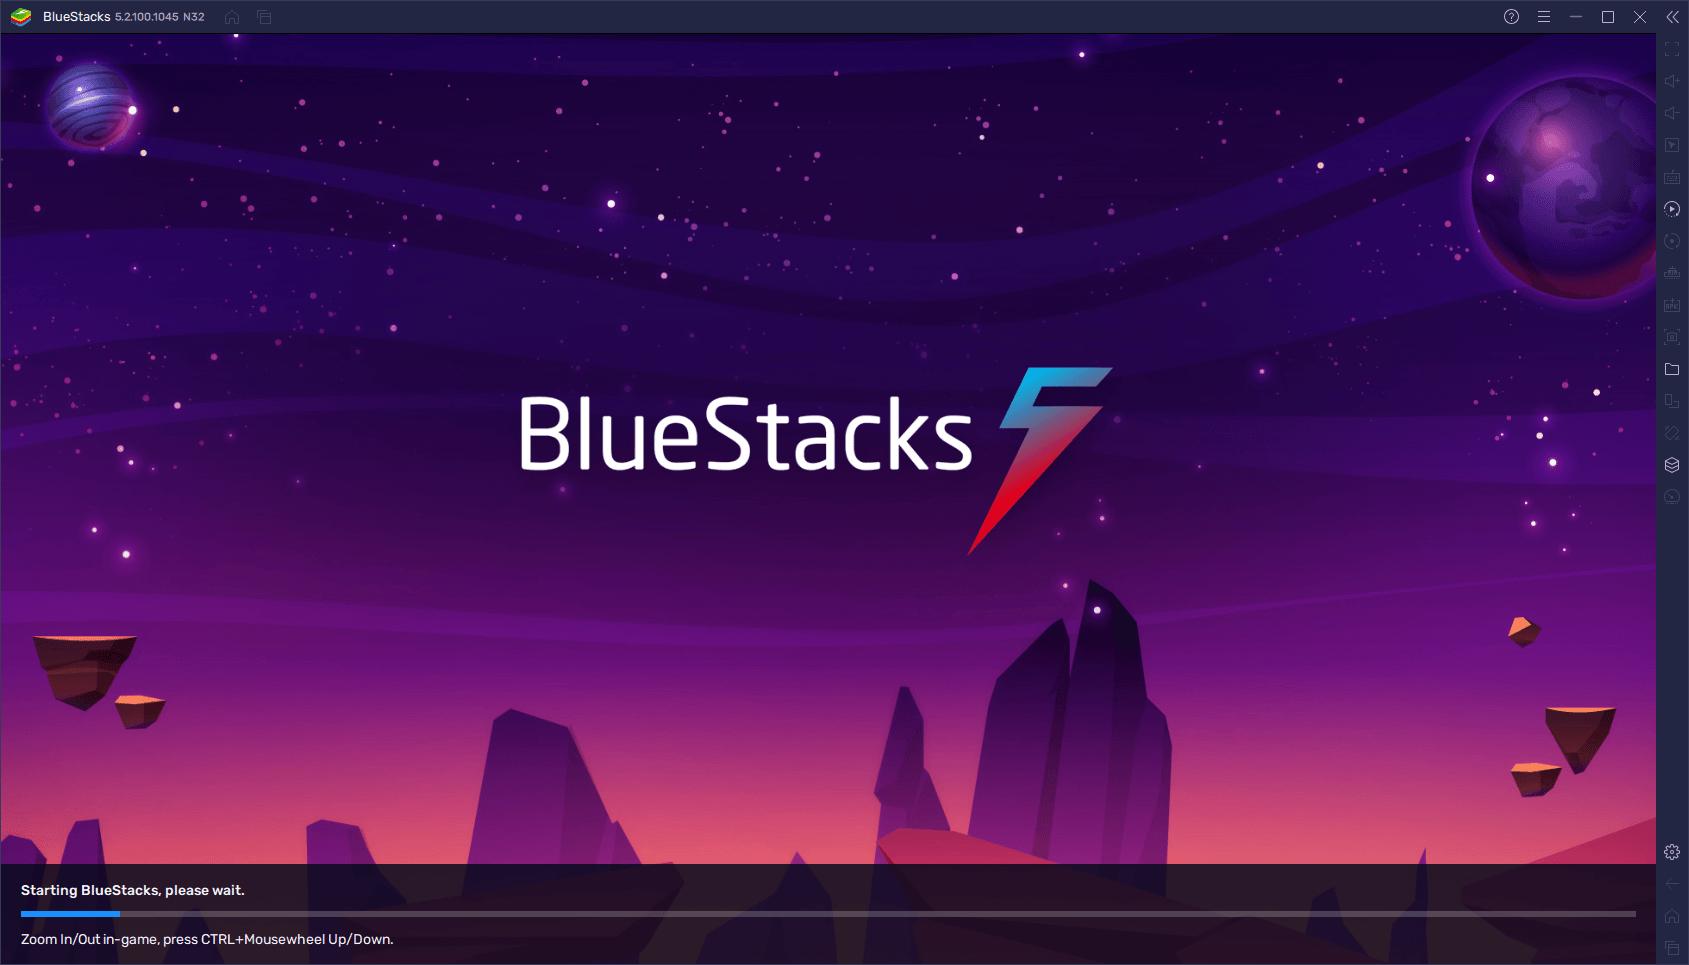 Yeni BlueStacks Güncellemesi Android 9 Desteği ve Genişletilmiş Bir Oyun Kütüphanesi Sunuyor